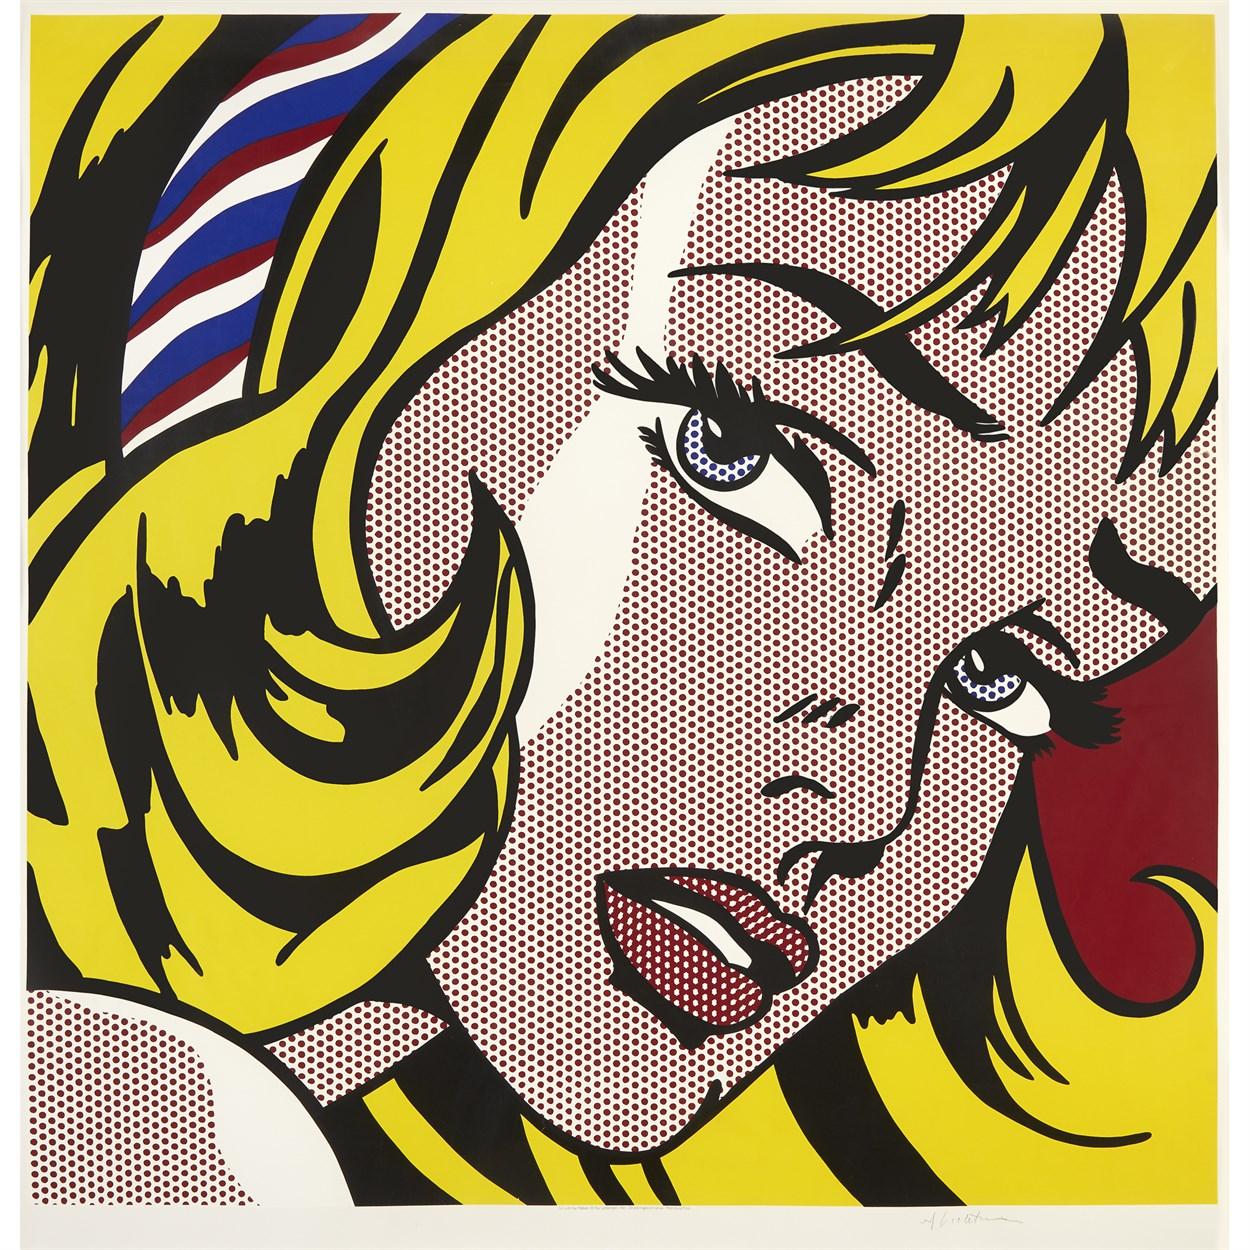 Lot 7 - After Roy Lichtenstein (American, 1923-1997)